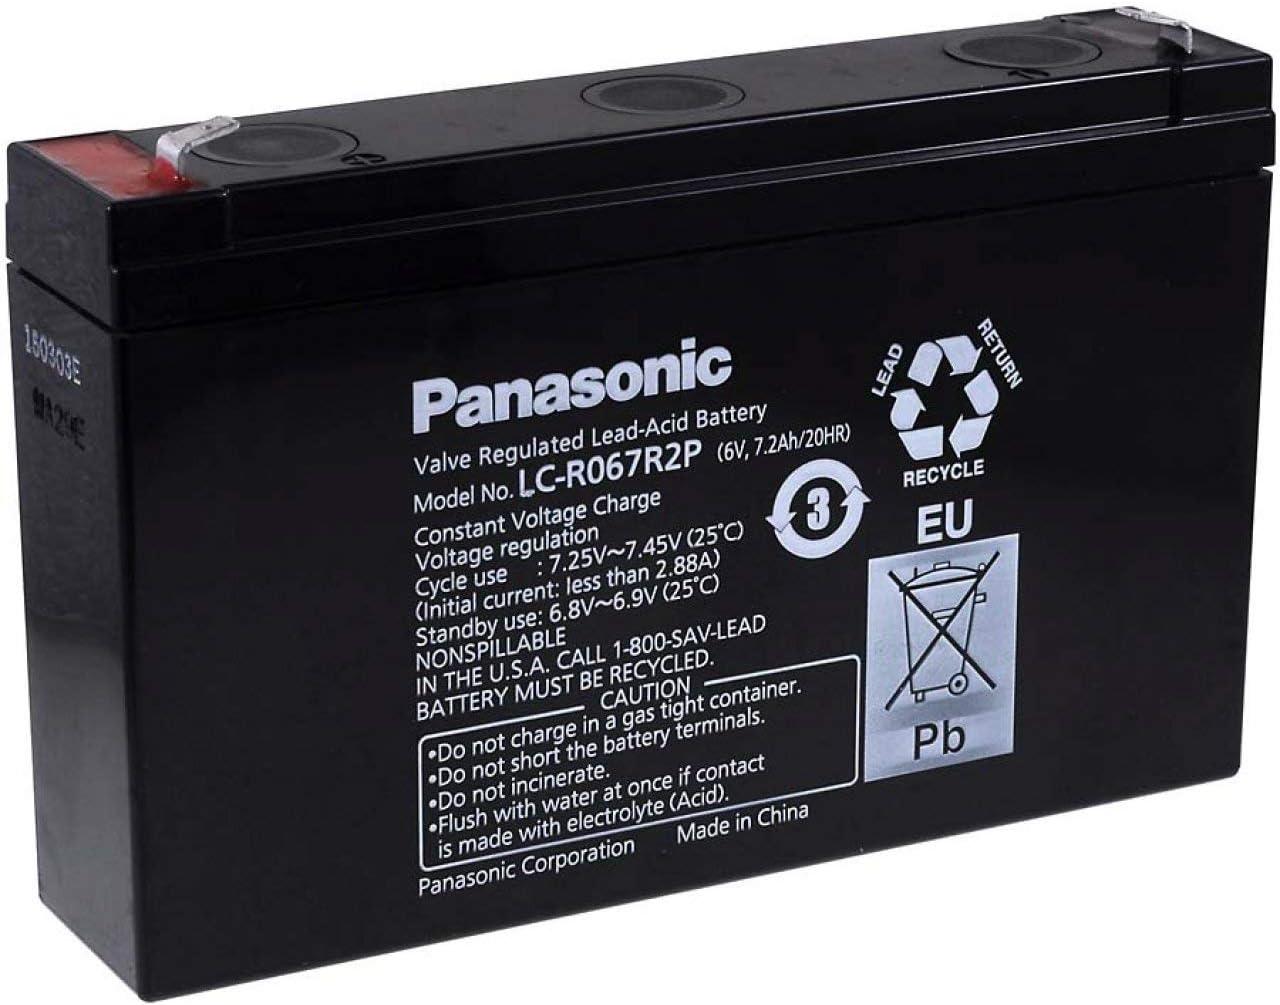 Panasonic Bleiakku Lc R067r2p 6v Lead Acid Elektronik